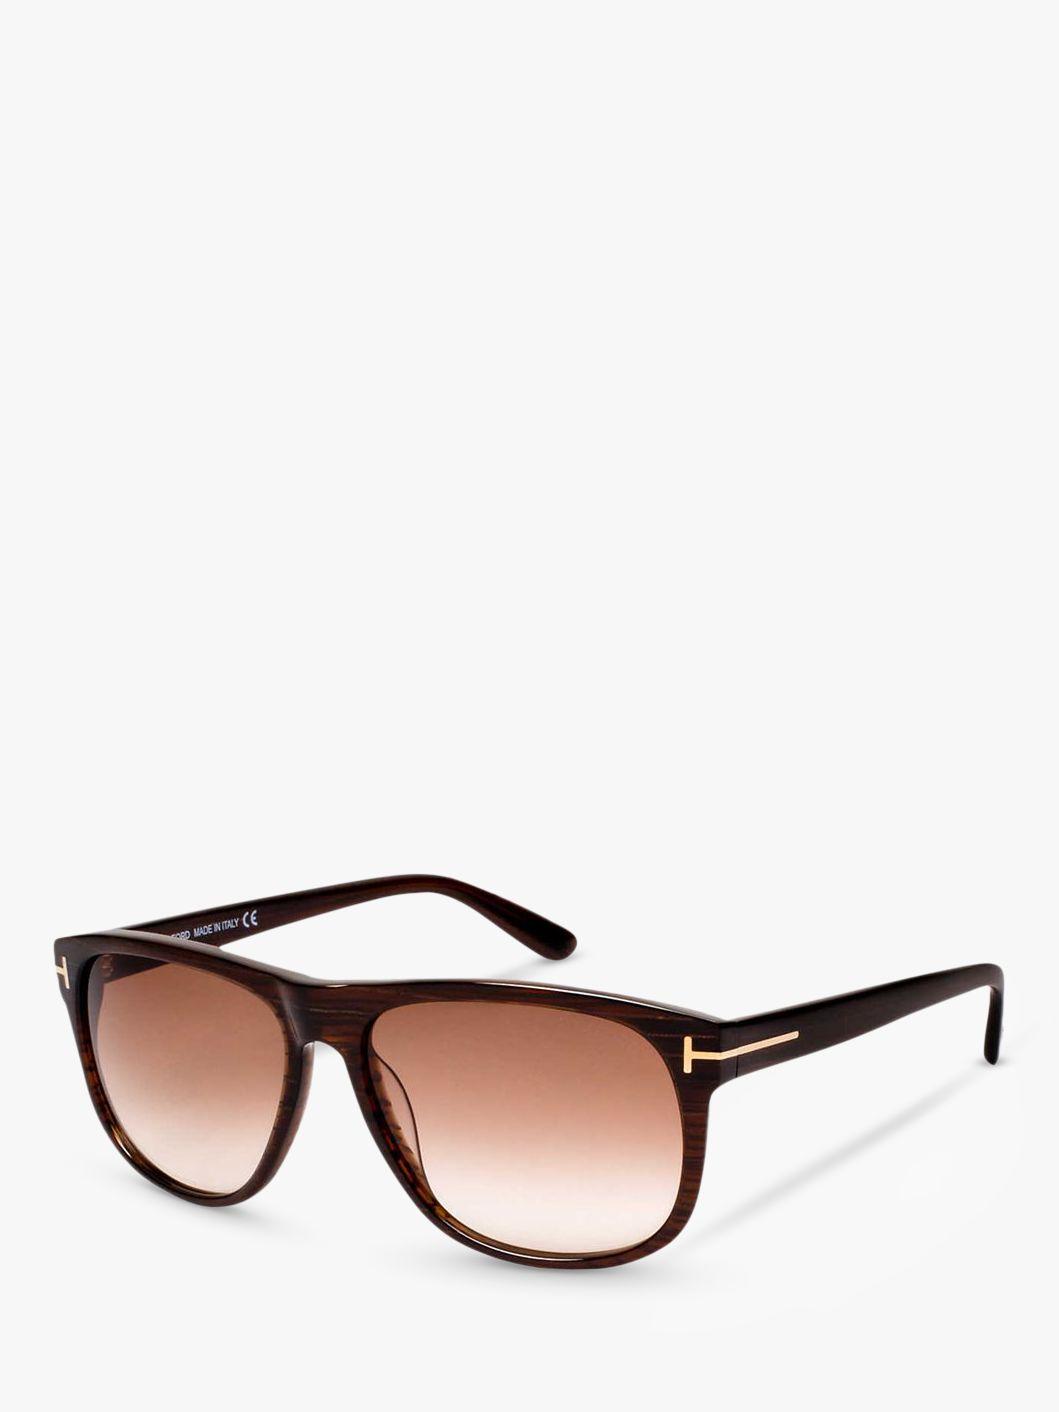 Tom Ford TOM FORD FT0236 Olivier Square Sunglasses